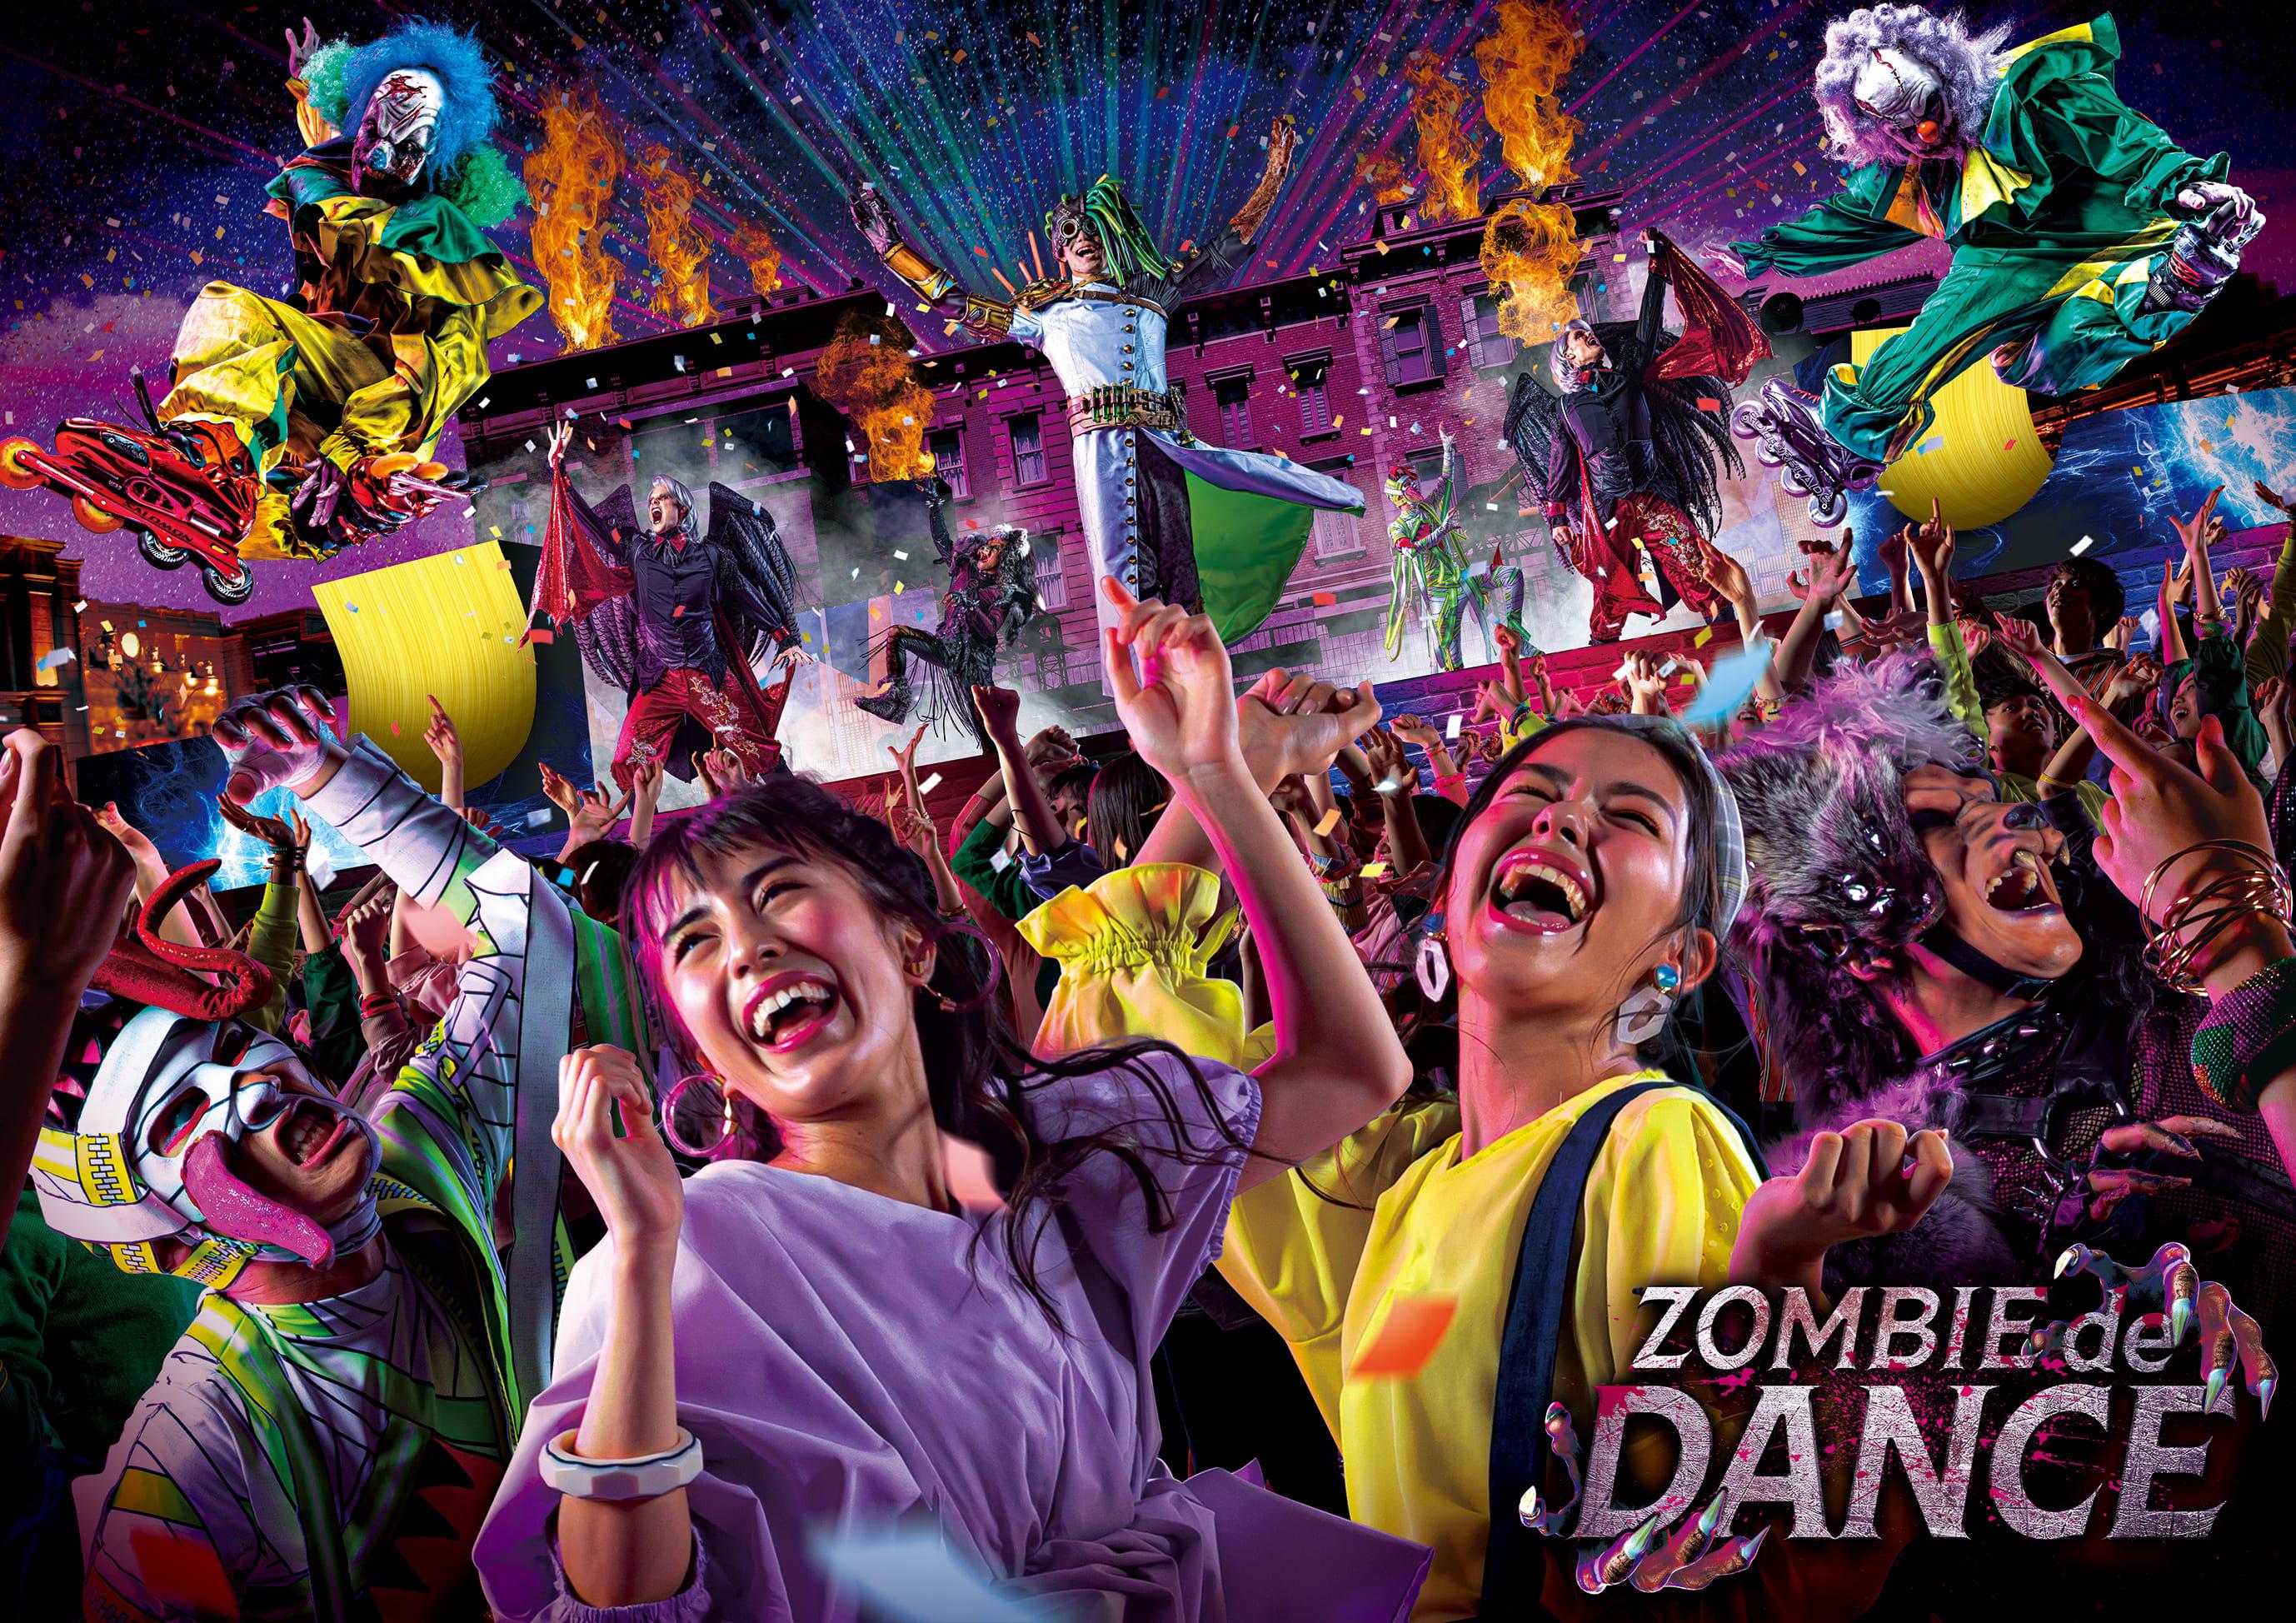 Zombie de Dance